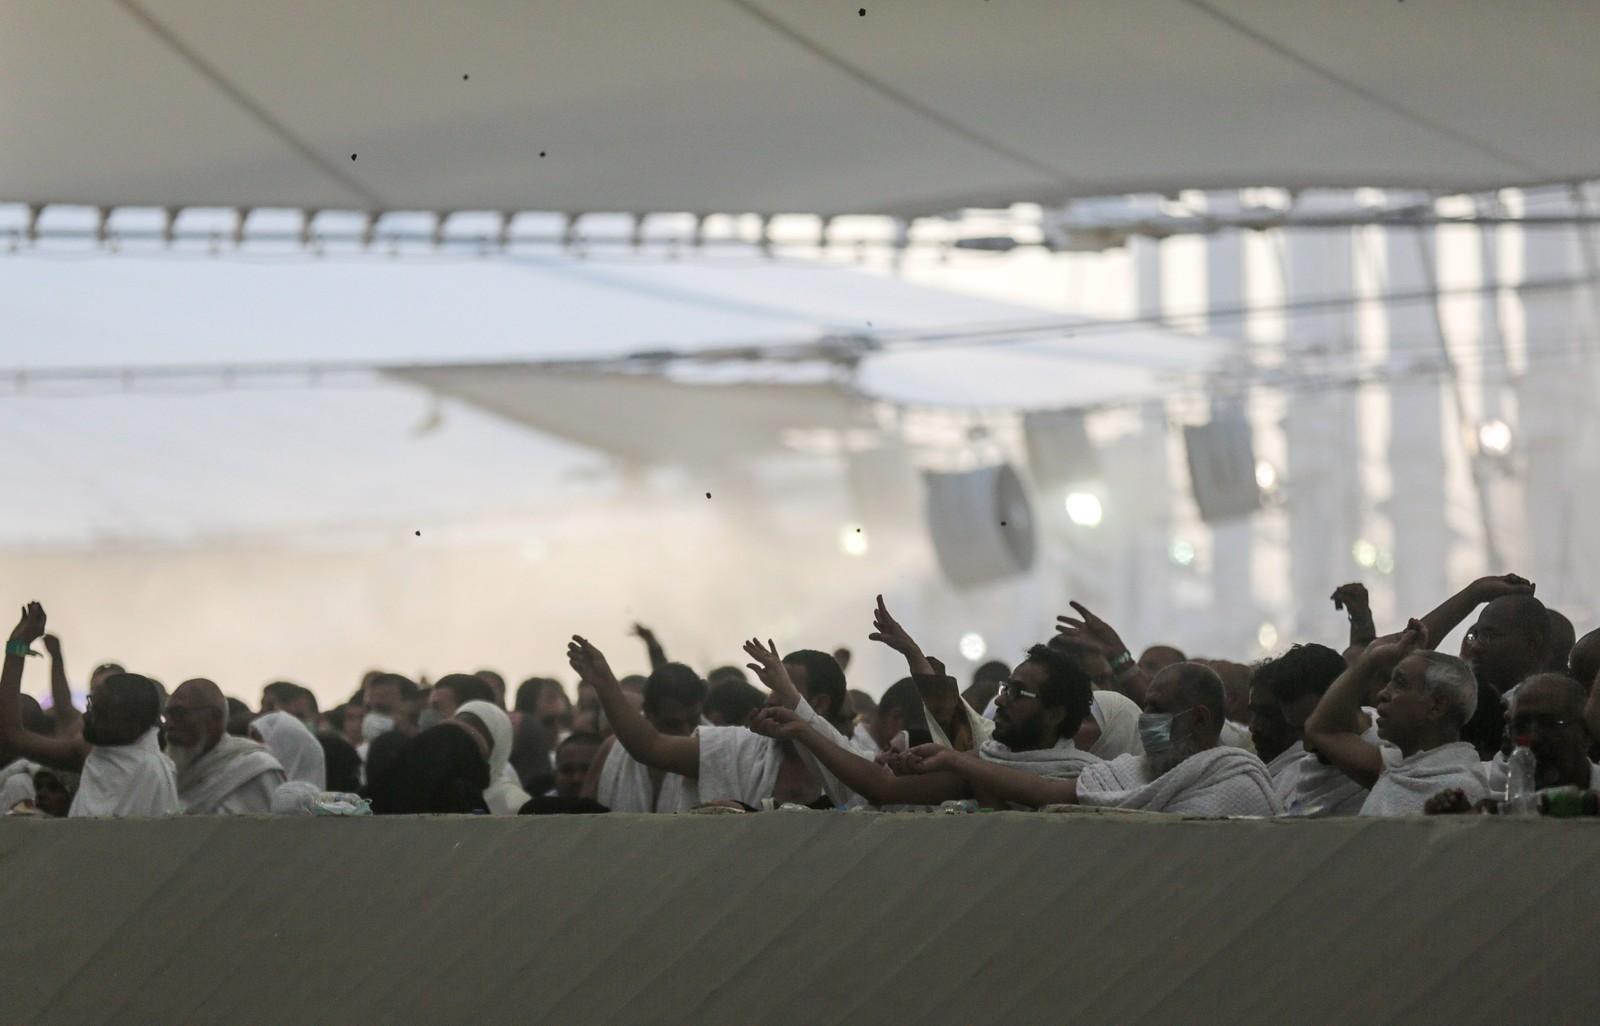 Situasjonen oppsto da menneskene trengte seg sammen for å kaste småstein inn i konstruksjonen Jamarat i Mina.